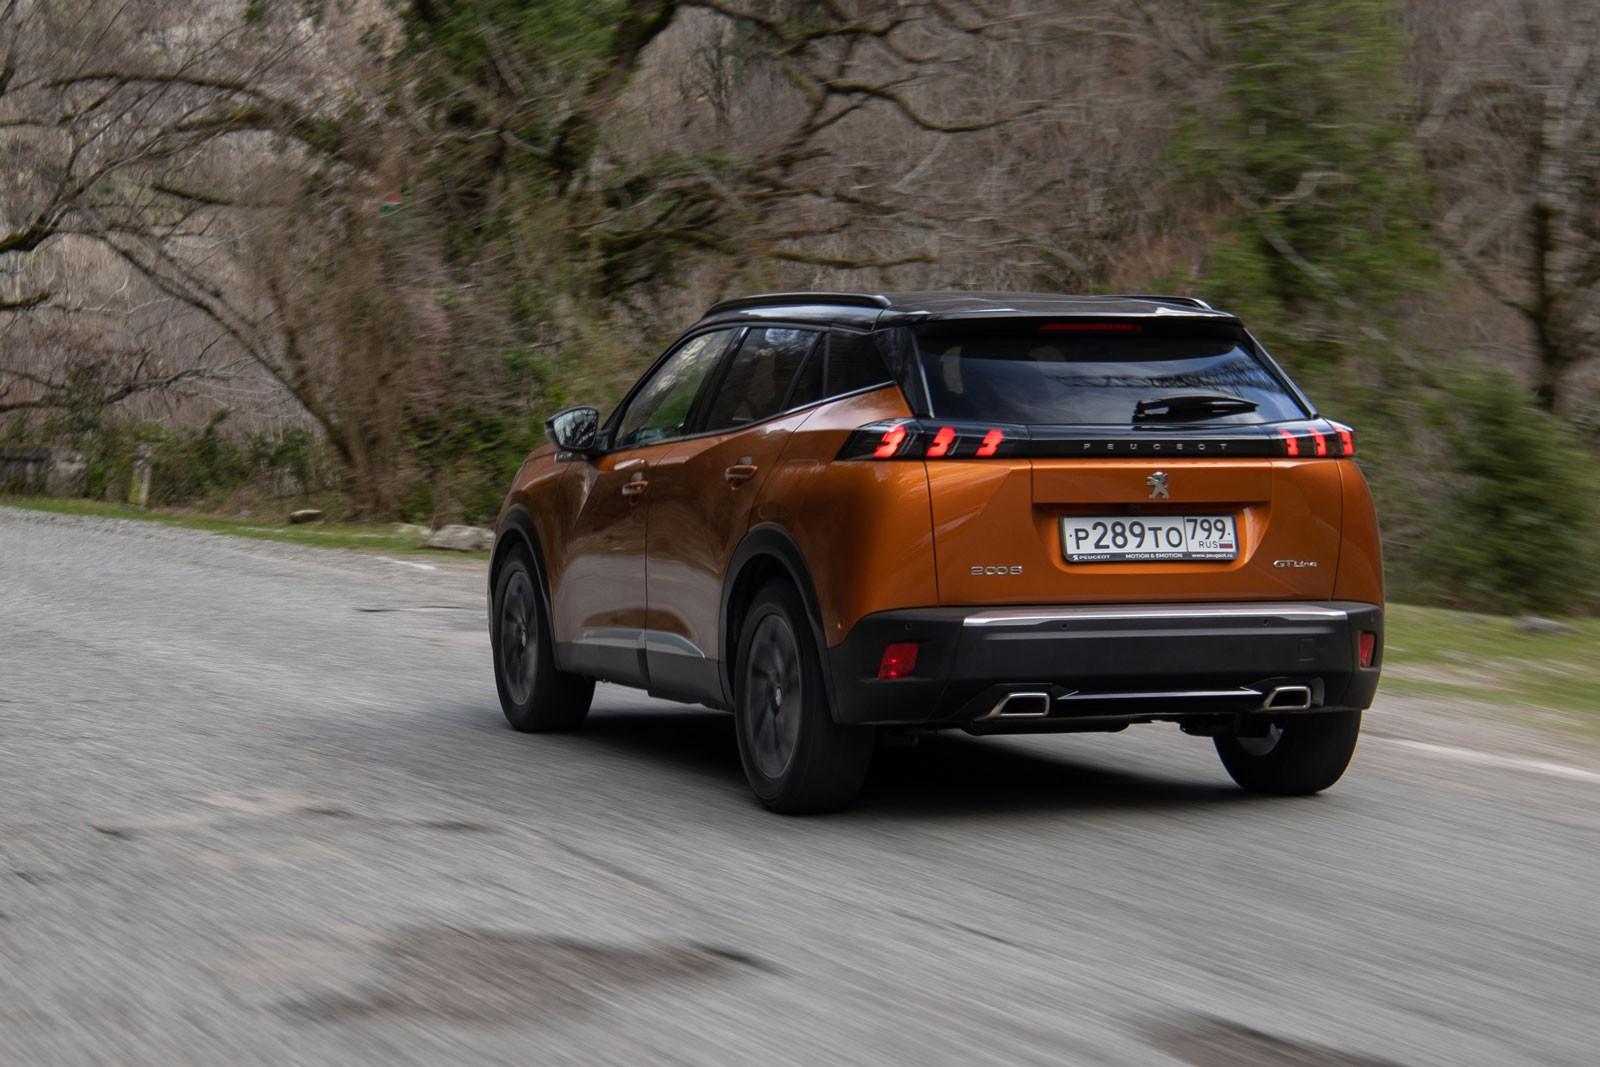 Клиренс 200 мм и коробка для «третьих стран»: первый тест нового Peugeot 2008